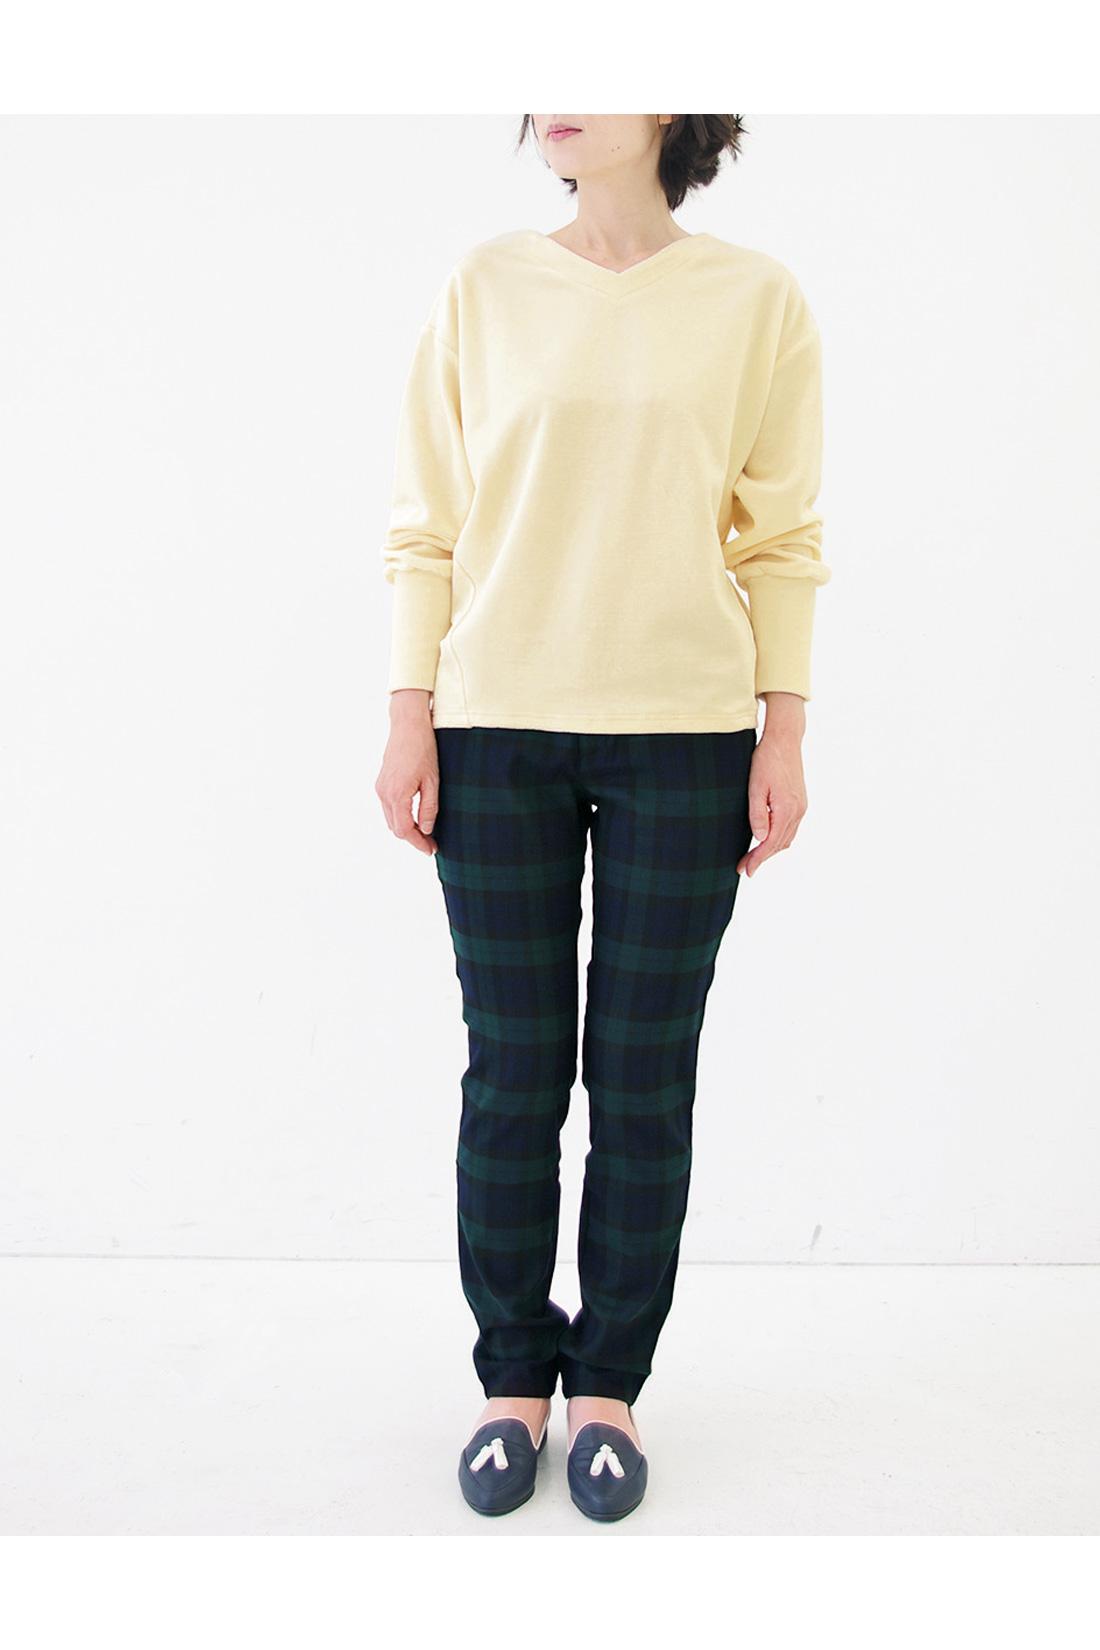 身長159cm/股下70cm/ウエスト64着用 ※着用イメージです。お届けするカラーとは異なります。